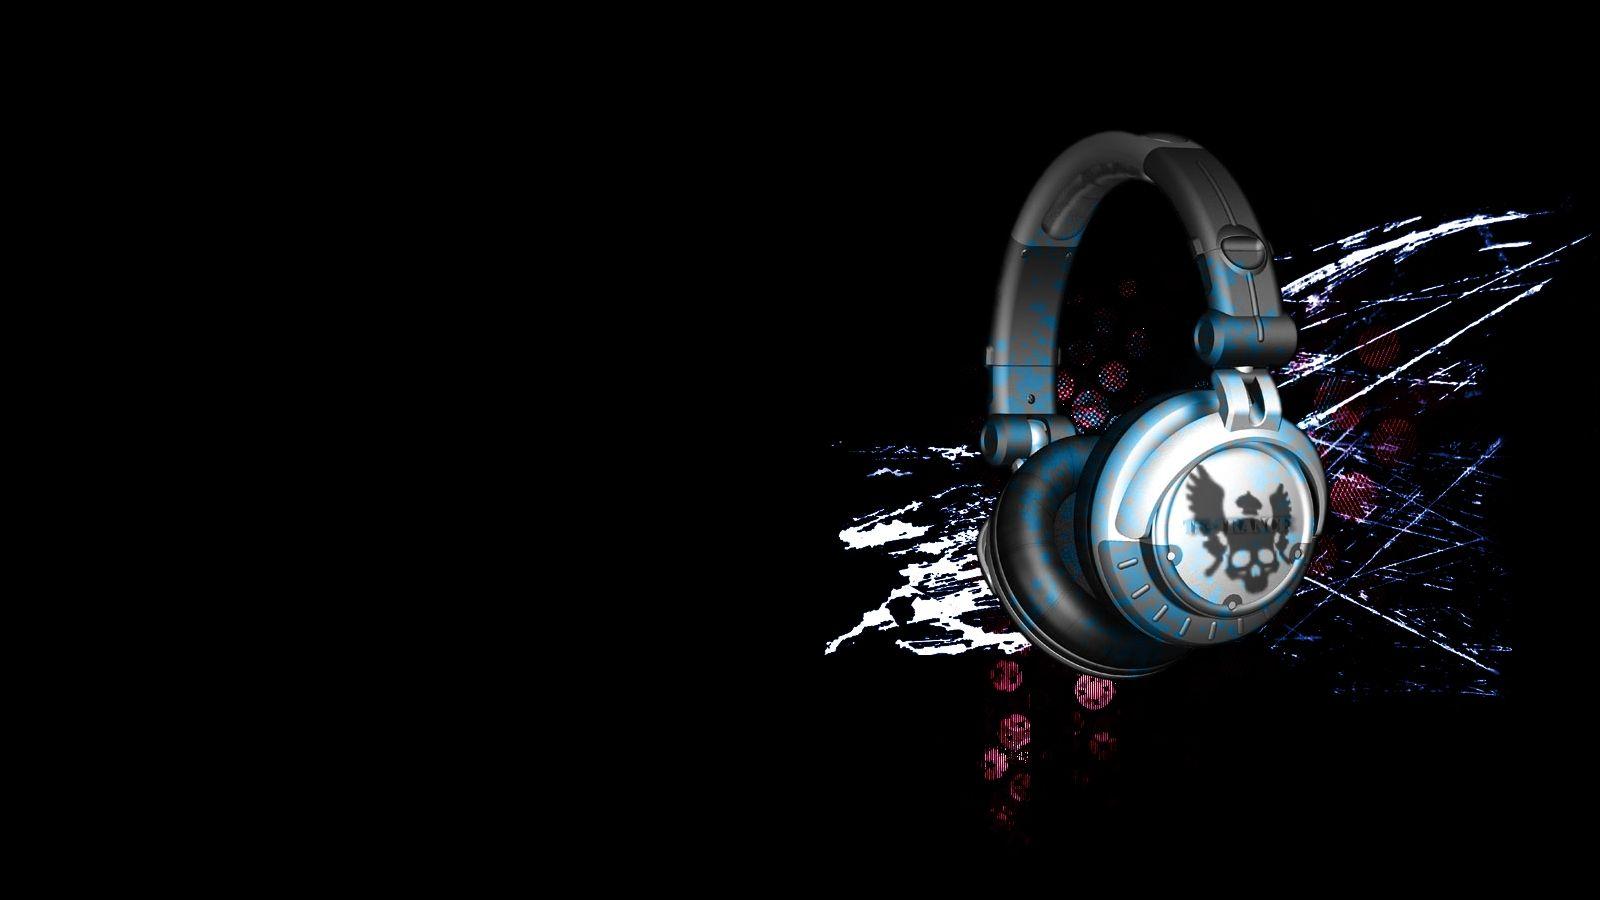 Http Feelgrafix Com Data Images Out 12 858387 Music Wallpaper Jpg Equipo De Dj Anime Musica Fondo De Anime